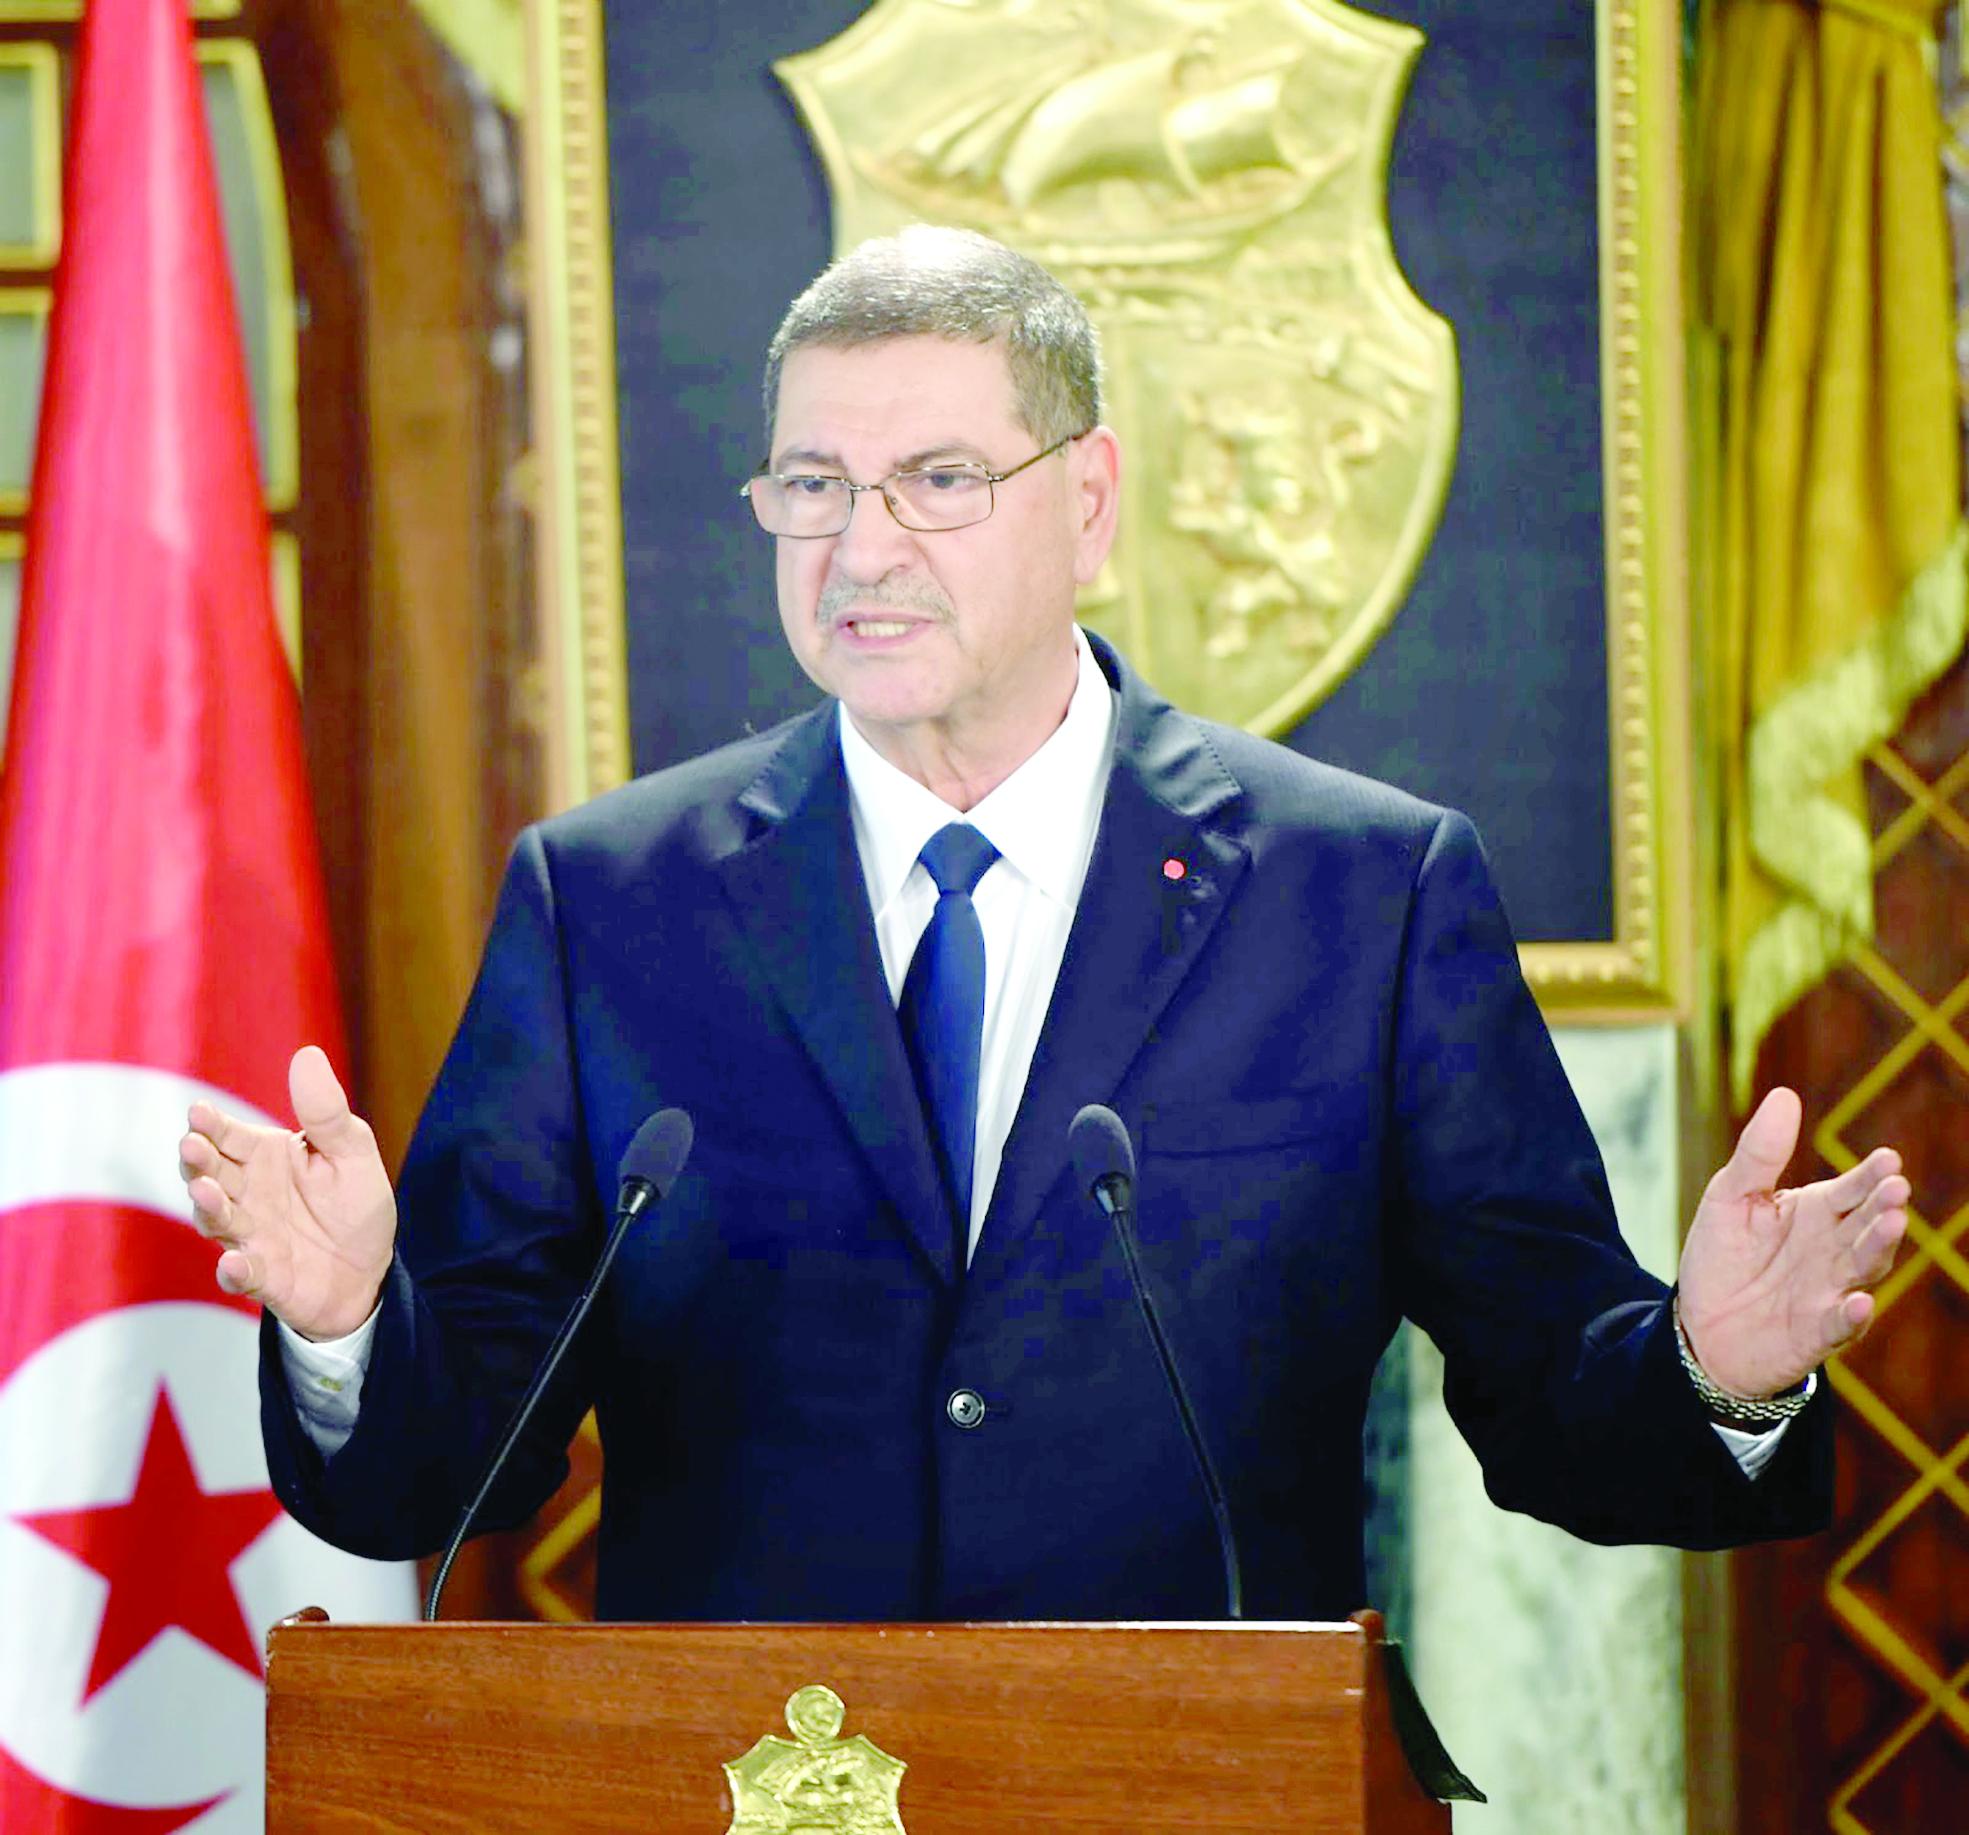 نداء تونس: الصيّد يتمسك بالسلطة لرغبته في الوصول إلى رئاسة الجمهورية